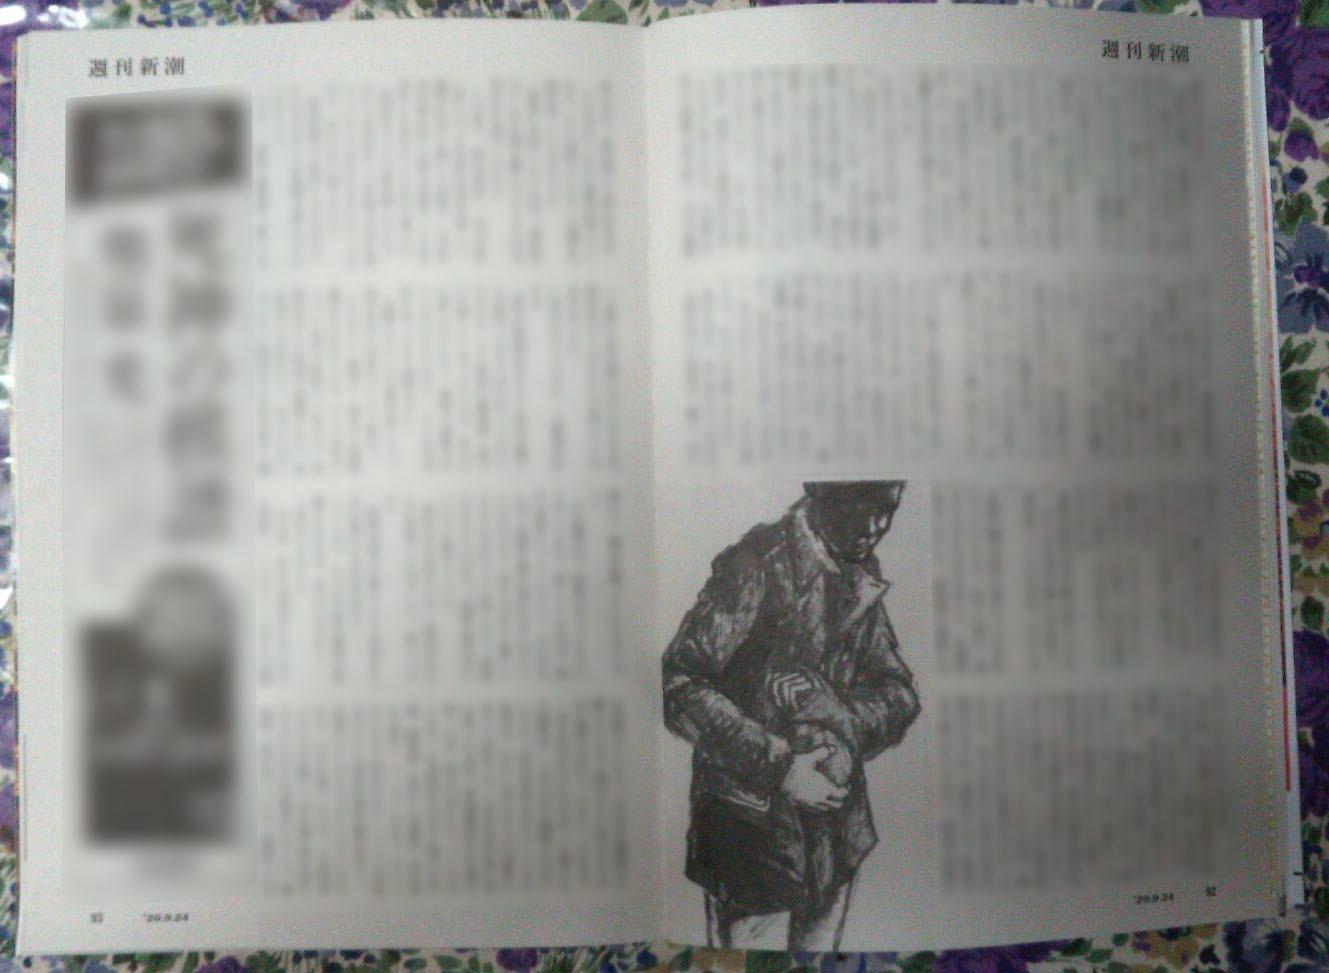 週刊新潮「雷神」挿絵 第36回〜最終回_b0136144_05355186.jpg